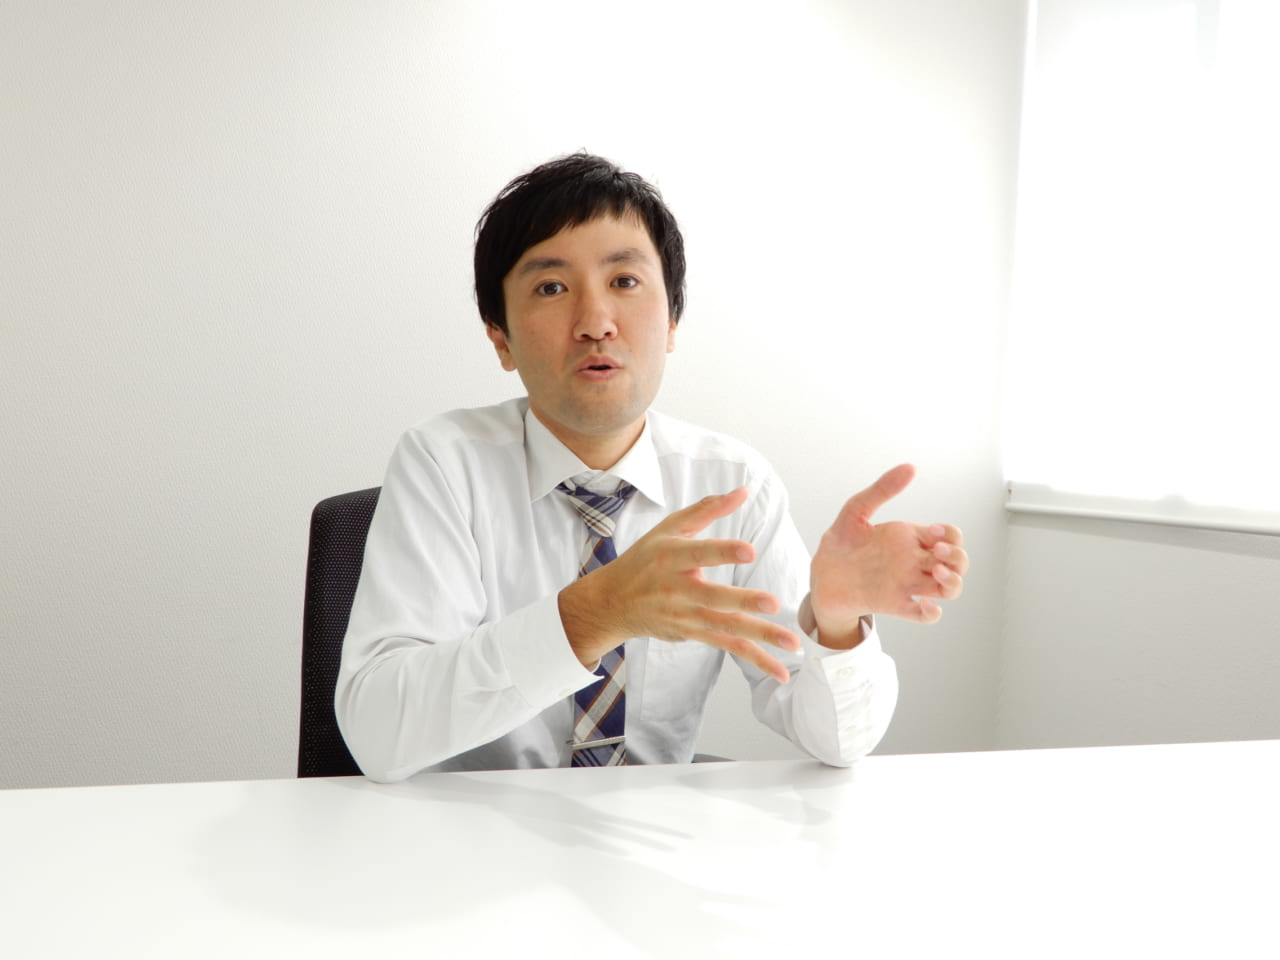 ヒロセ通商東野さん話す様子1